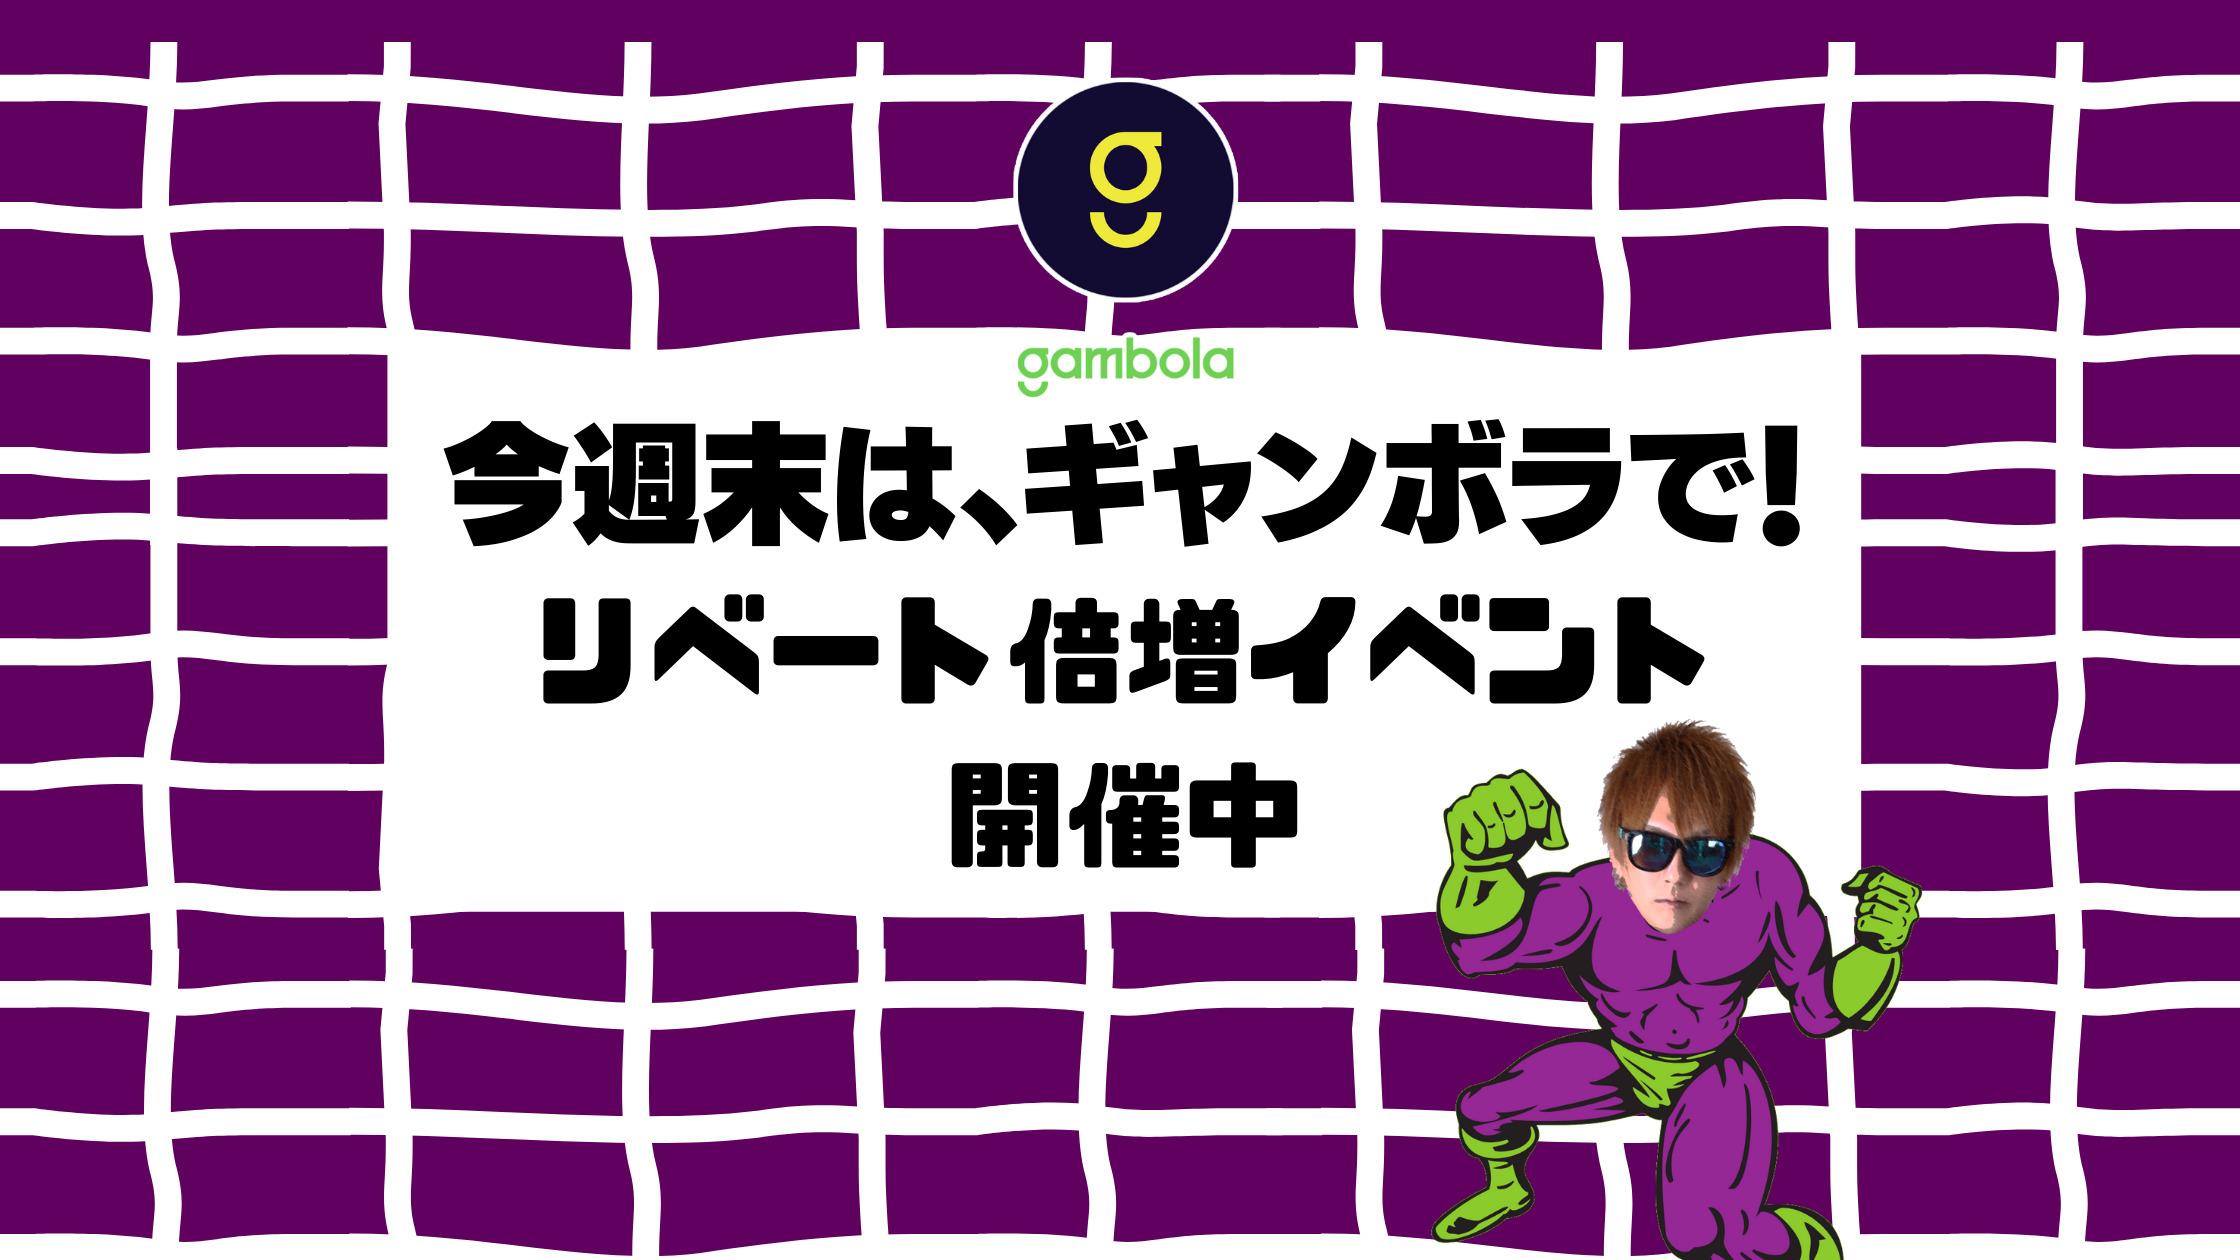 【ギャンボラ】今週末はエボでプレーしてリベート倍増!!